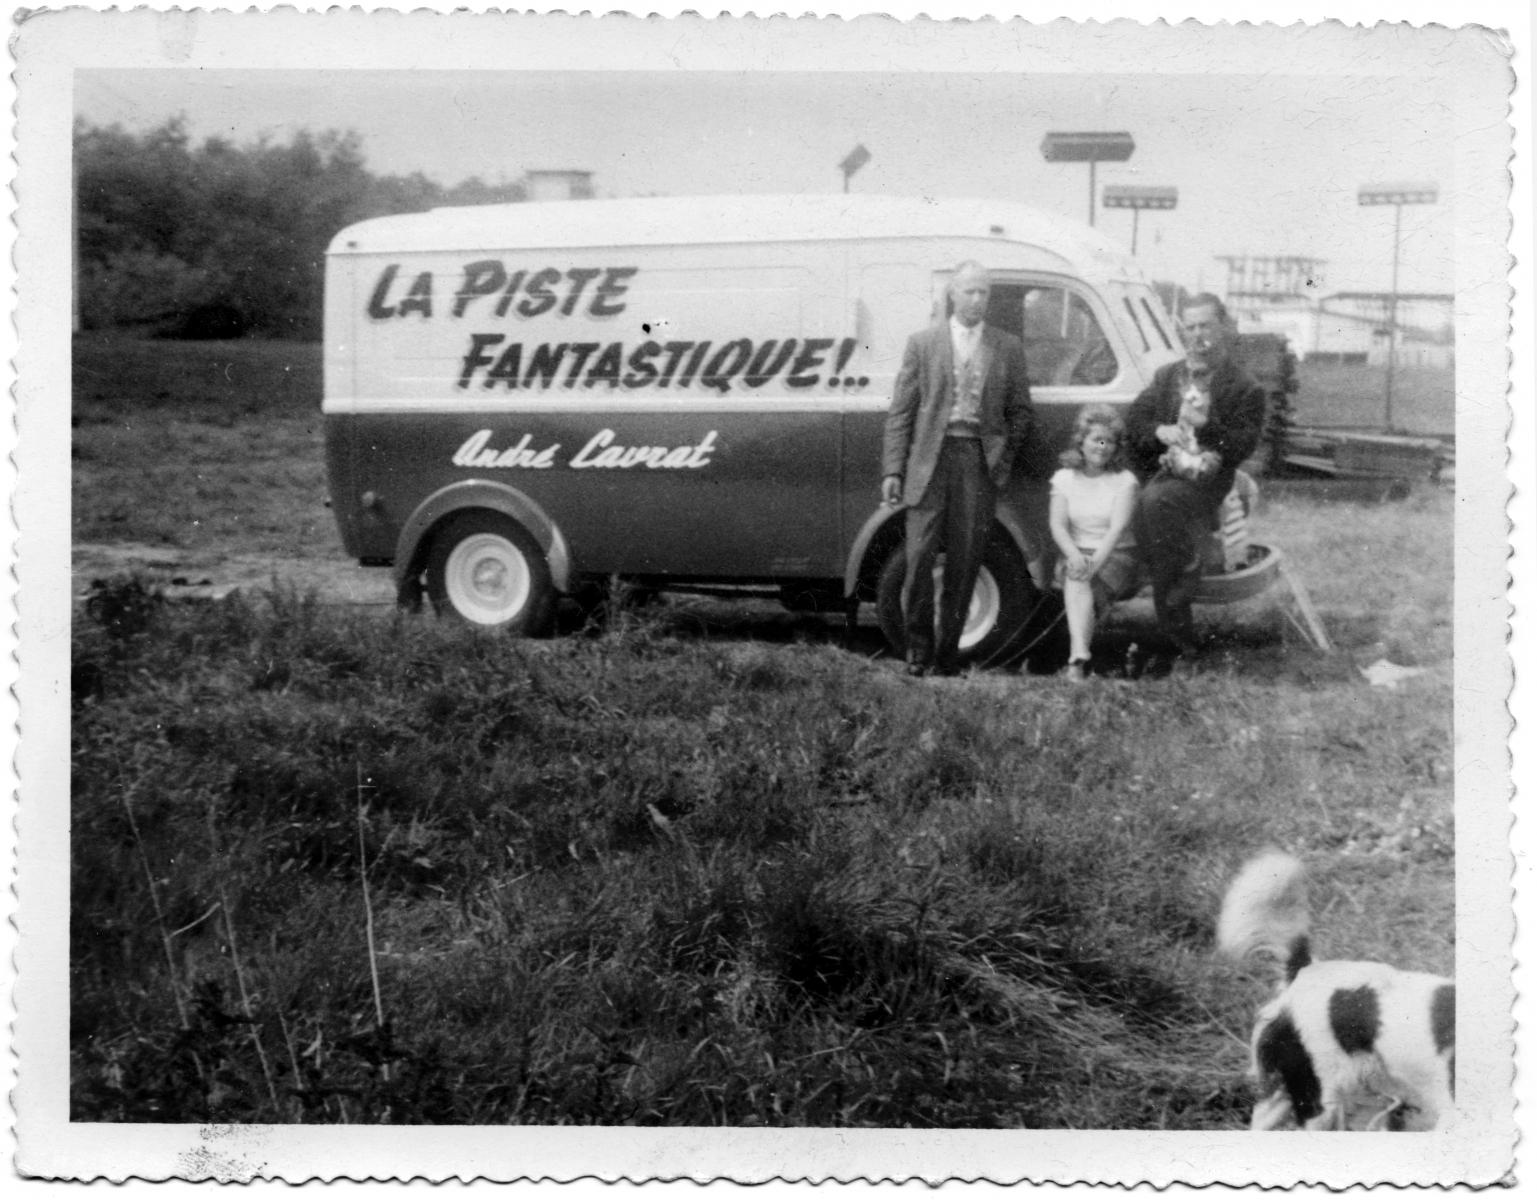 La-Piste-Fantastique-Guy-Dechamps-et-Madame-1-monsieur-1-